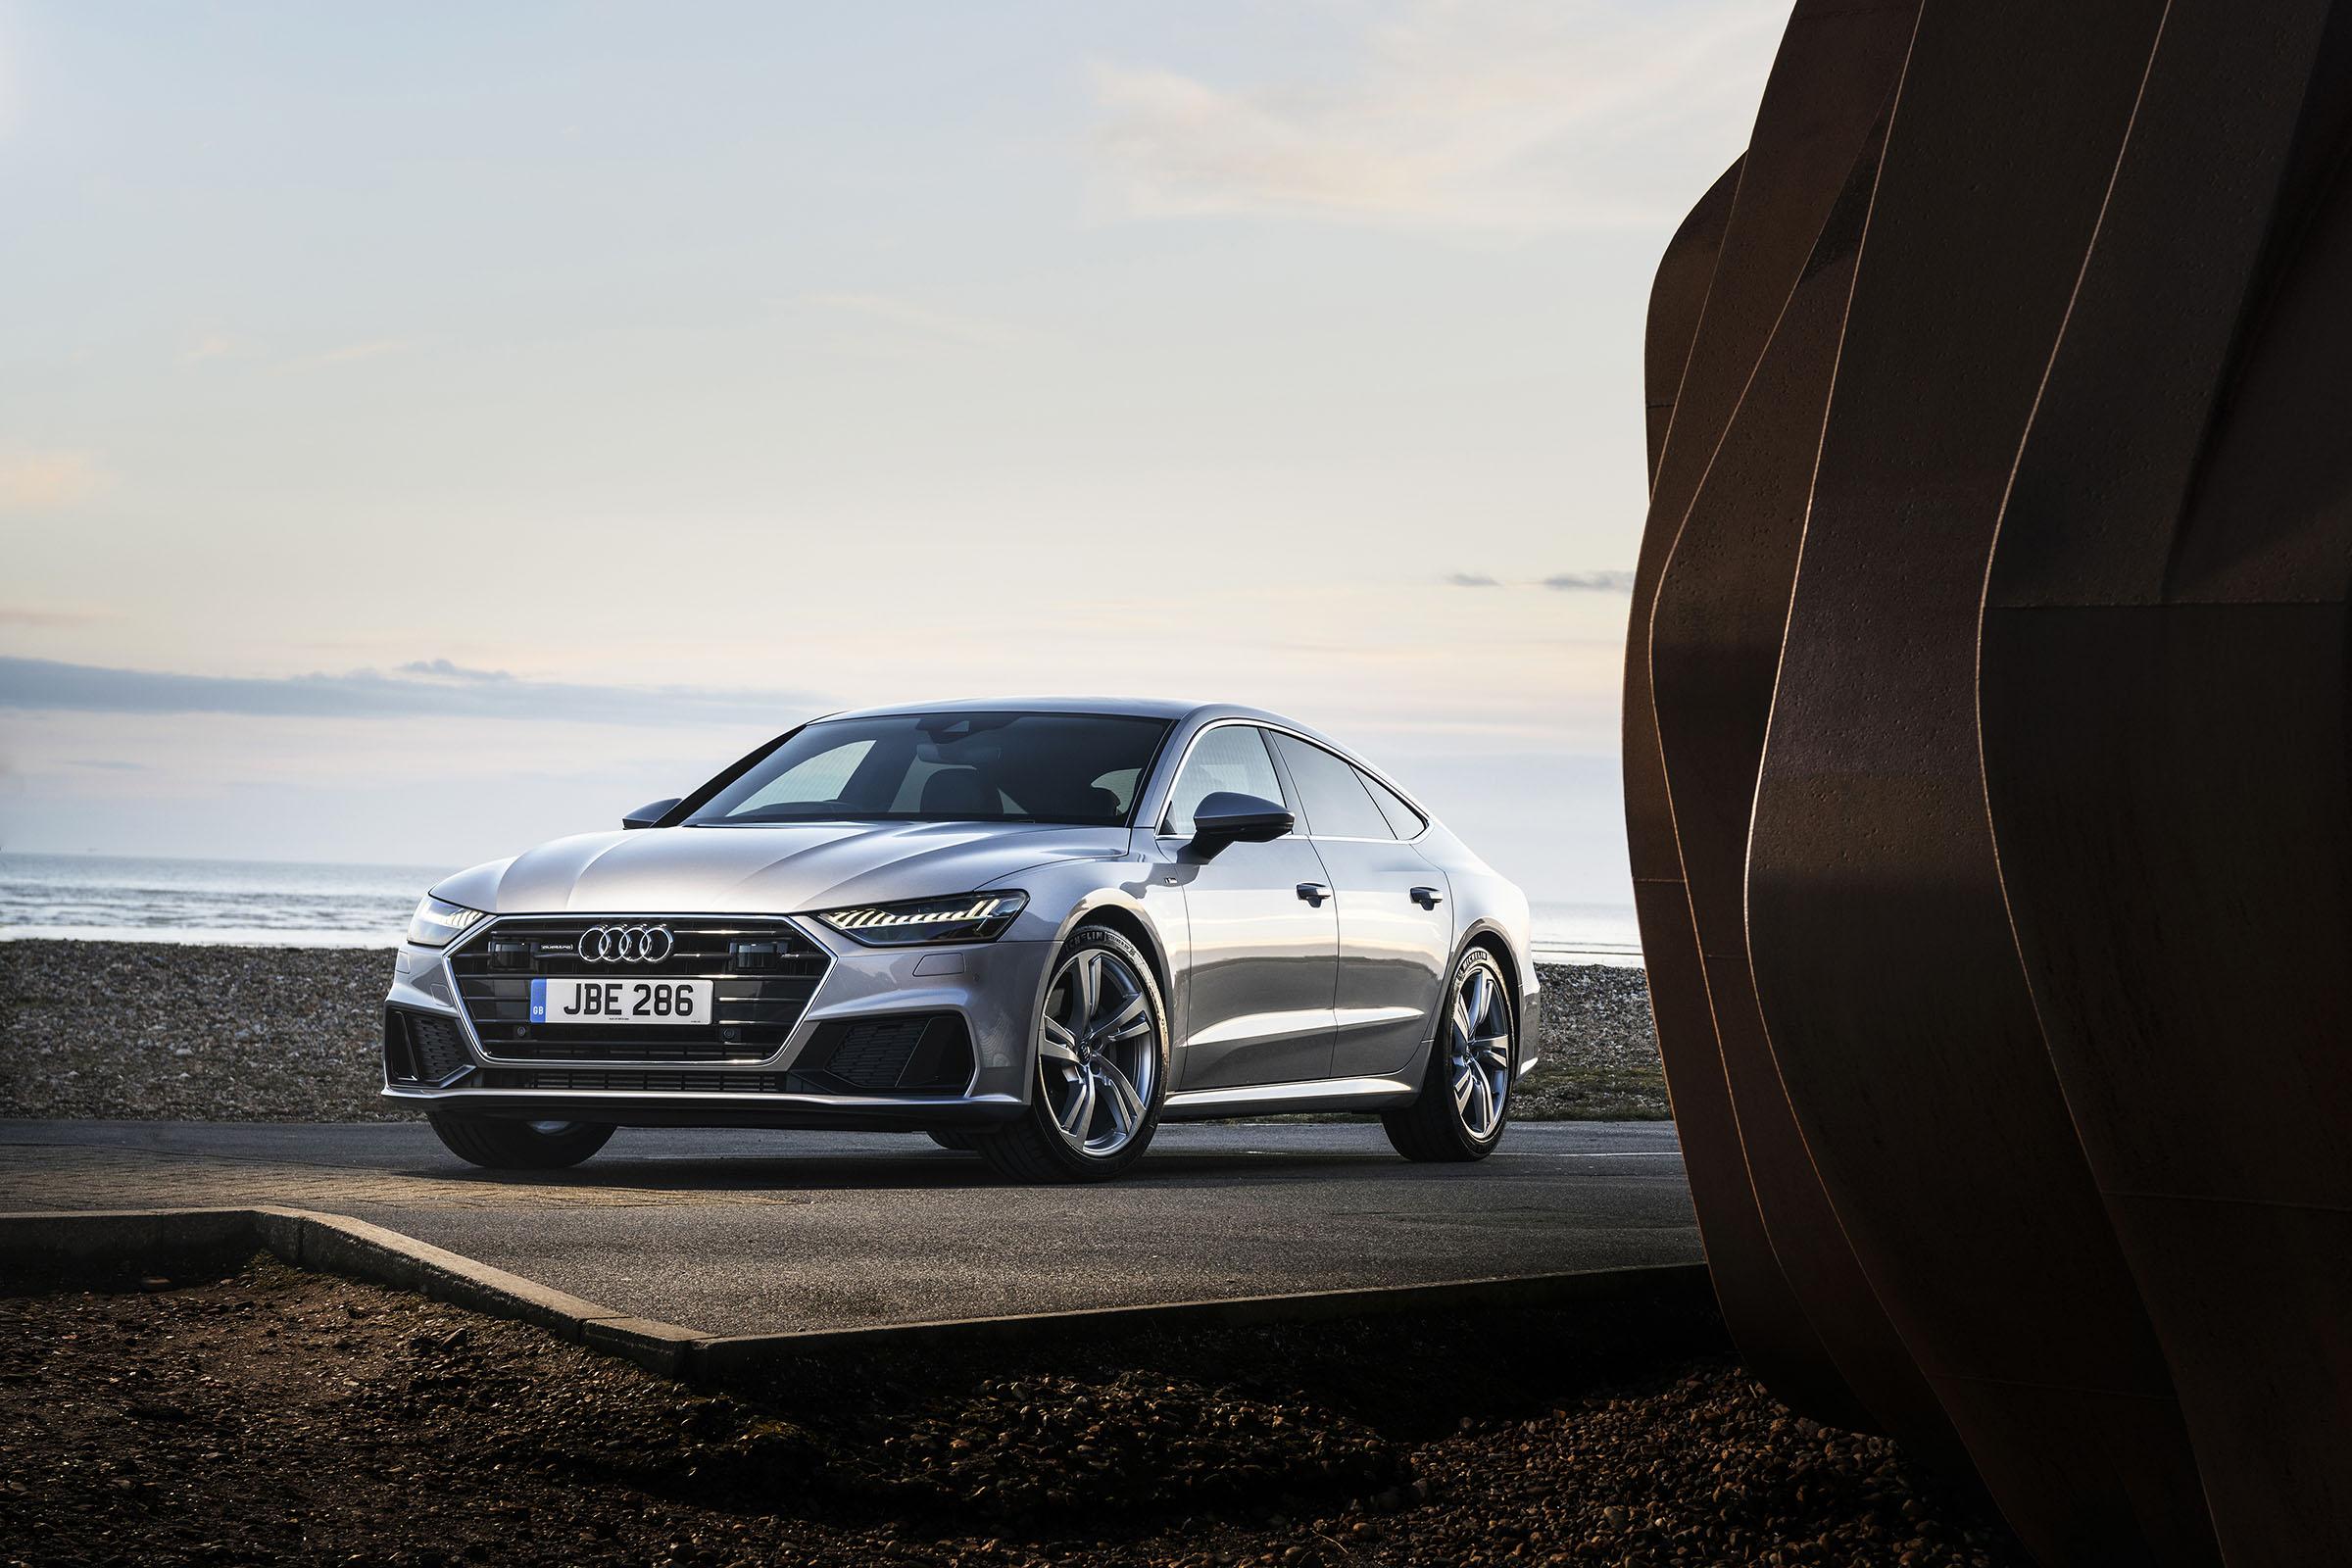 Kekurangan Audi 45 Tdi Top Model Tahun Ini